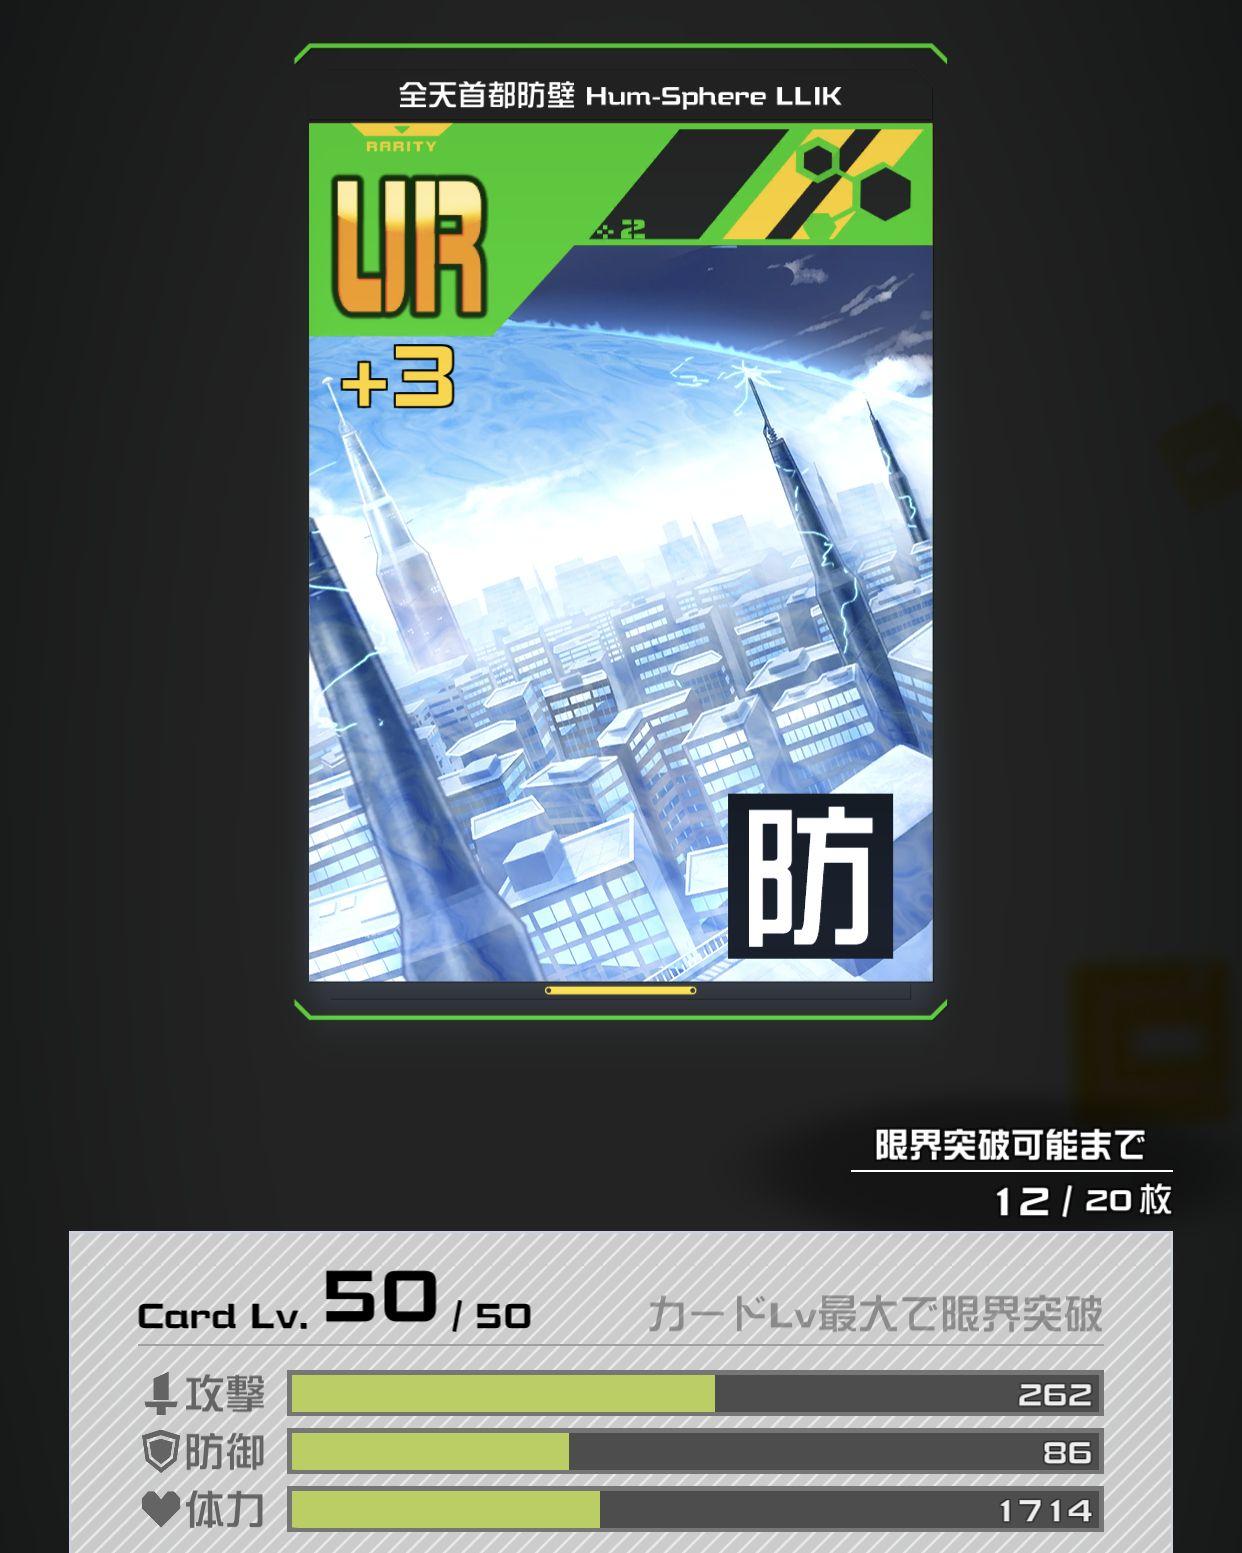 #コンパス【カード】: ヒーロー別おすすめURカード紹介!選べるURチケットで選ぶべきは……どれ?